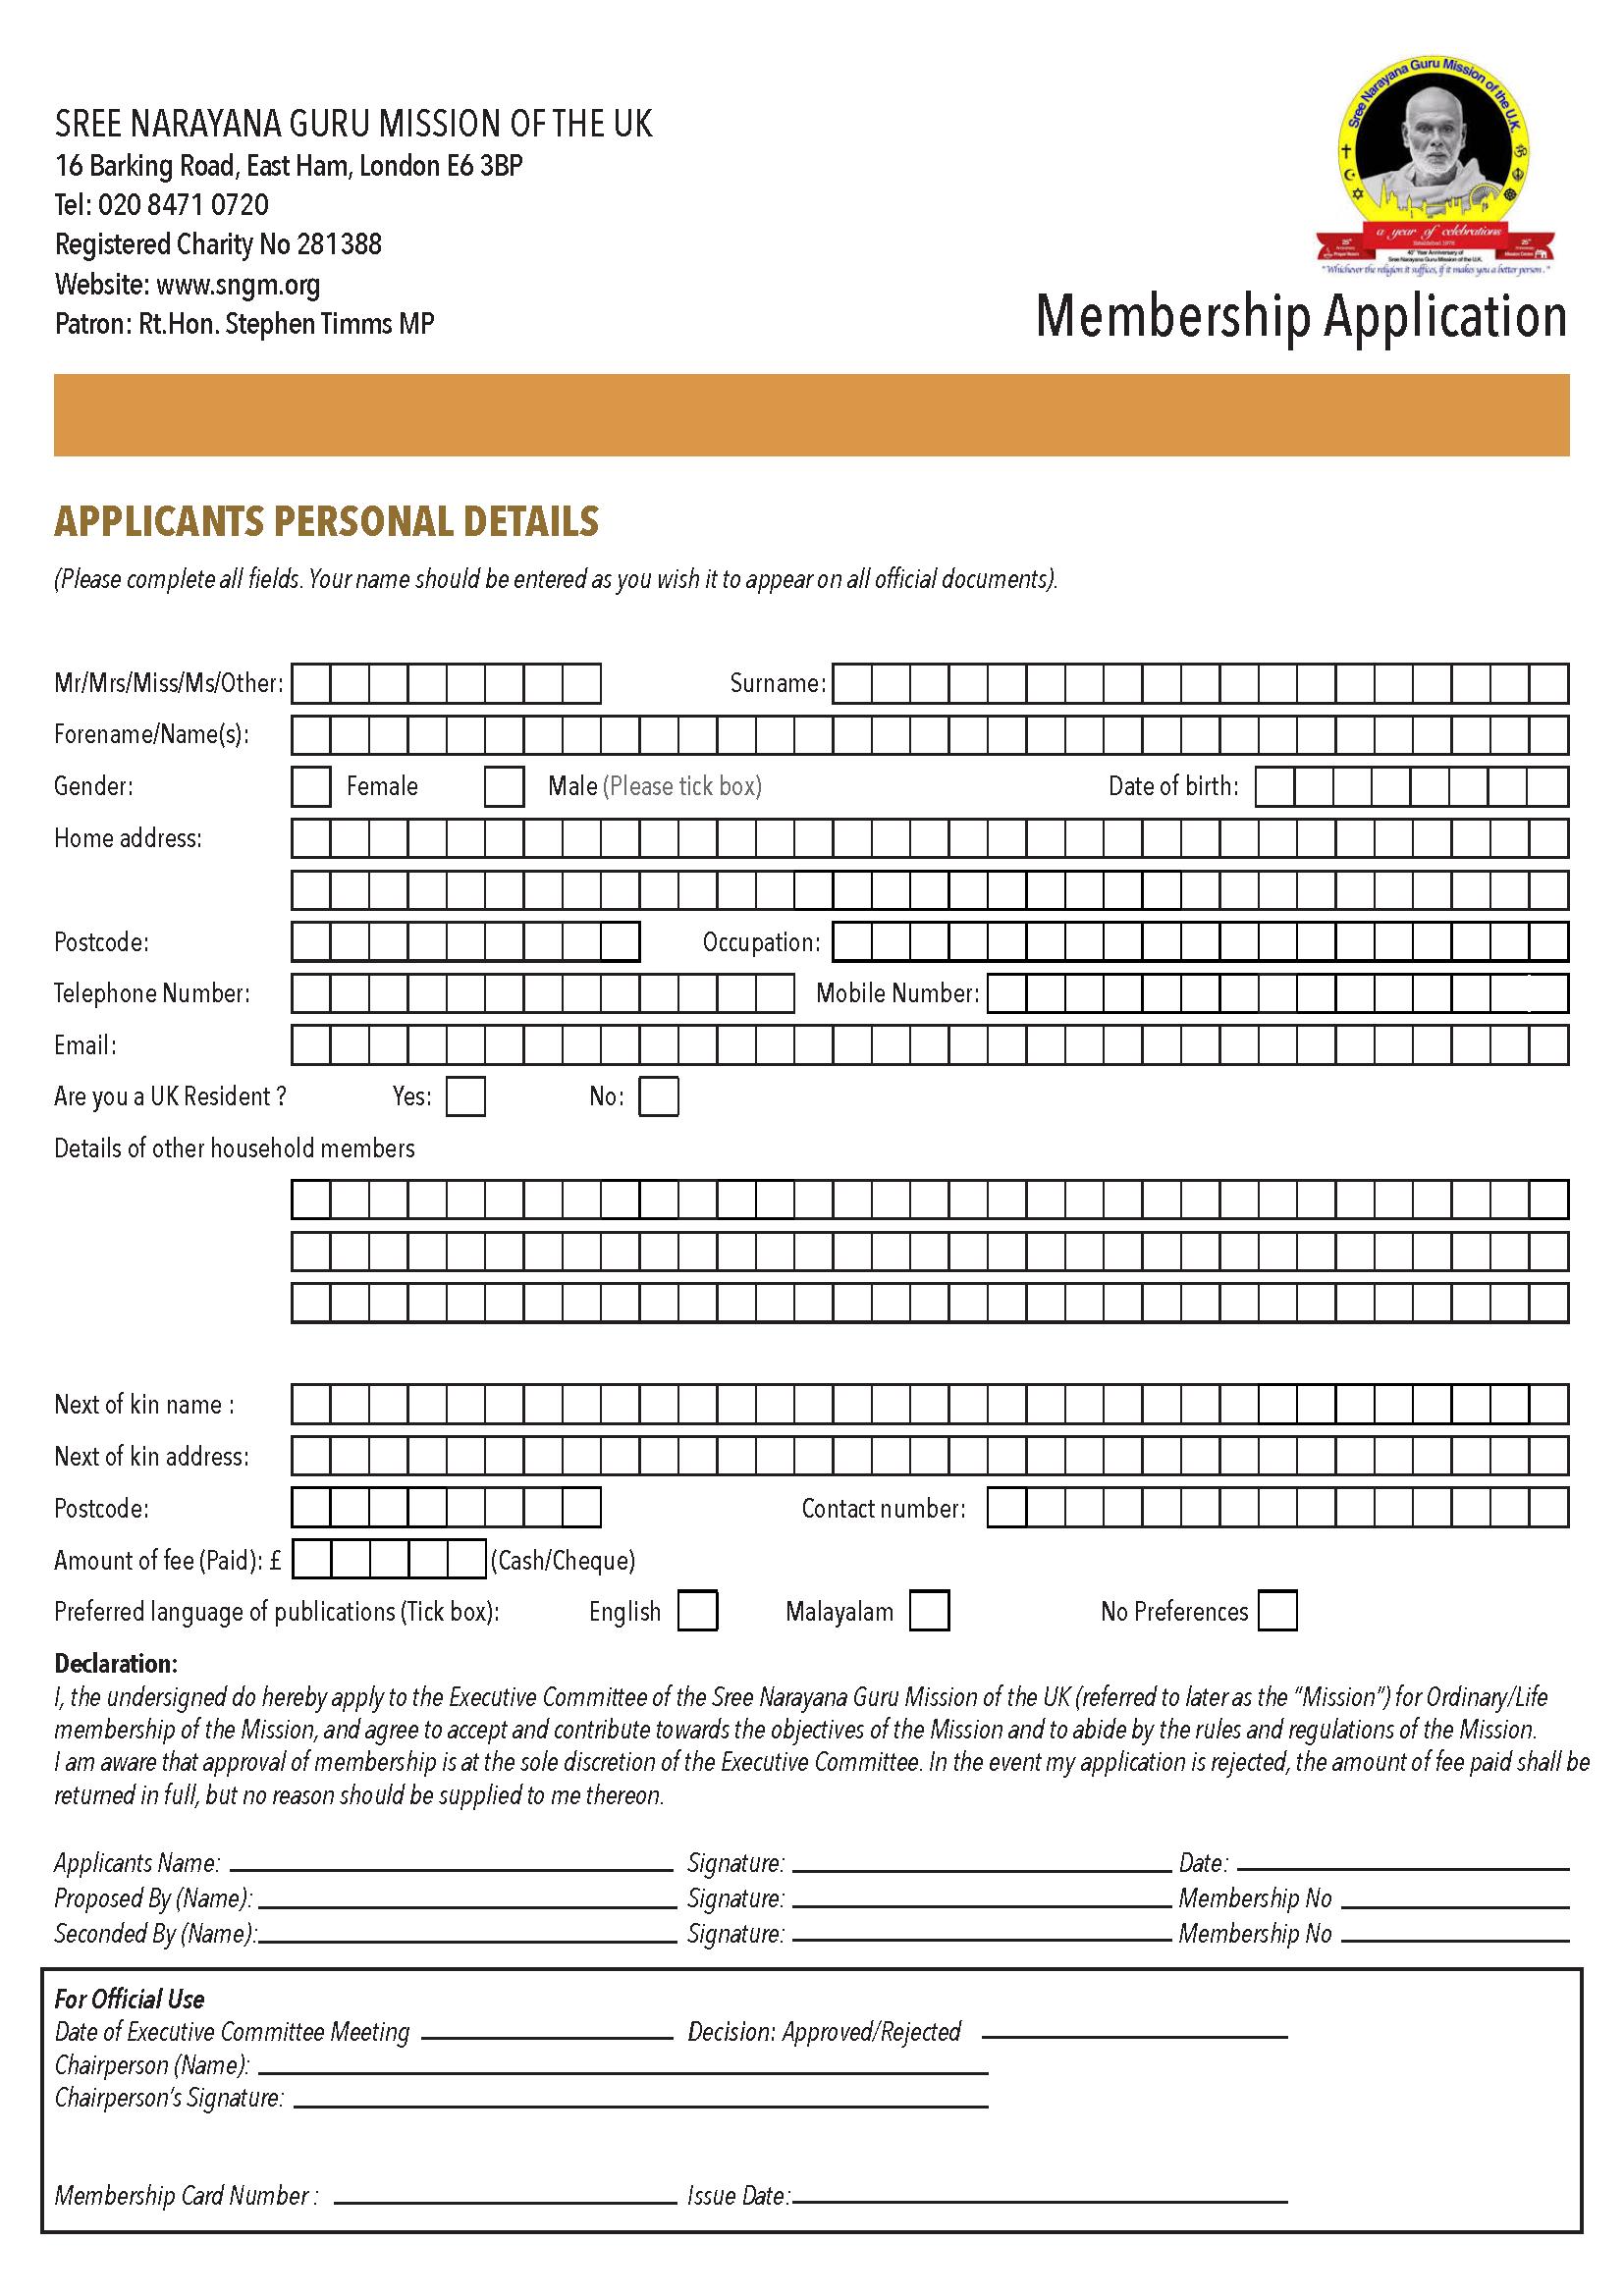 SNGM Membership Form2